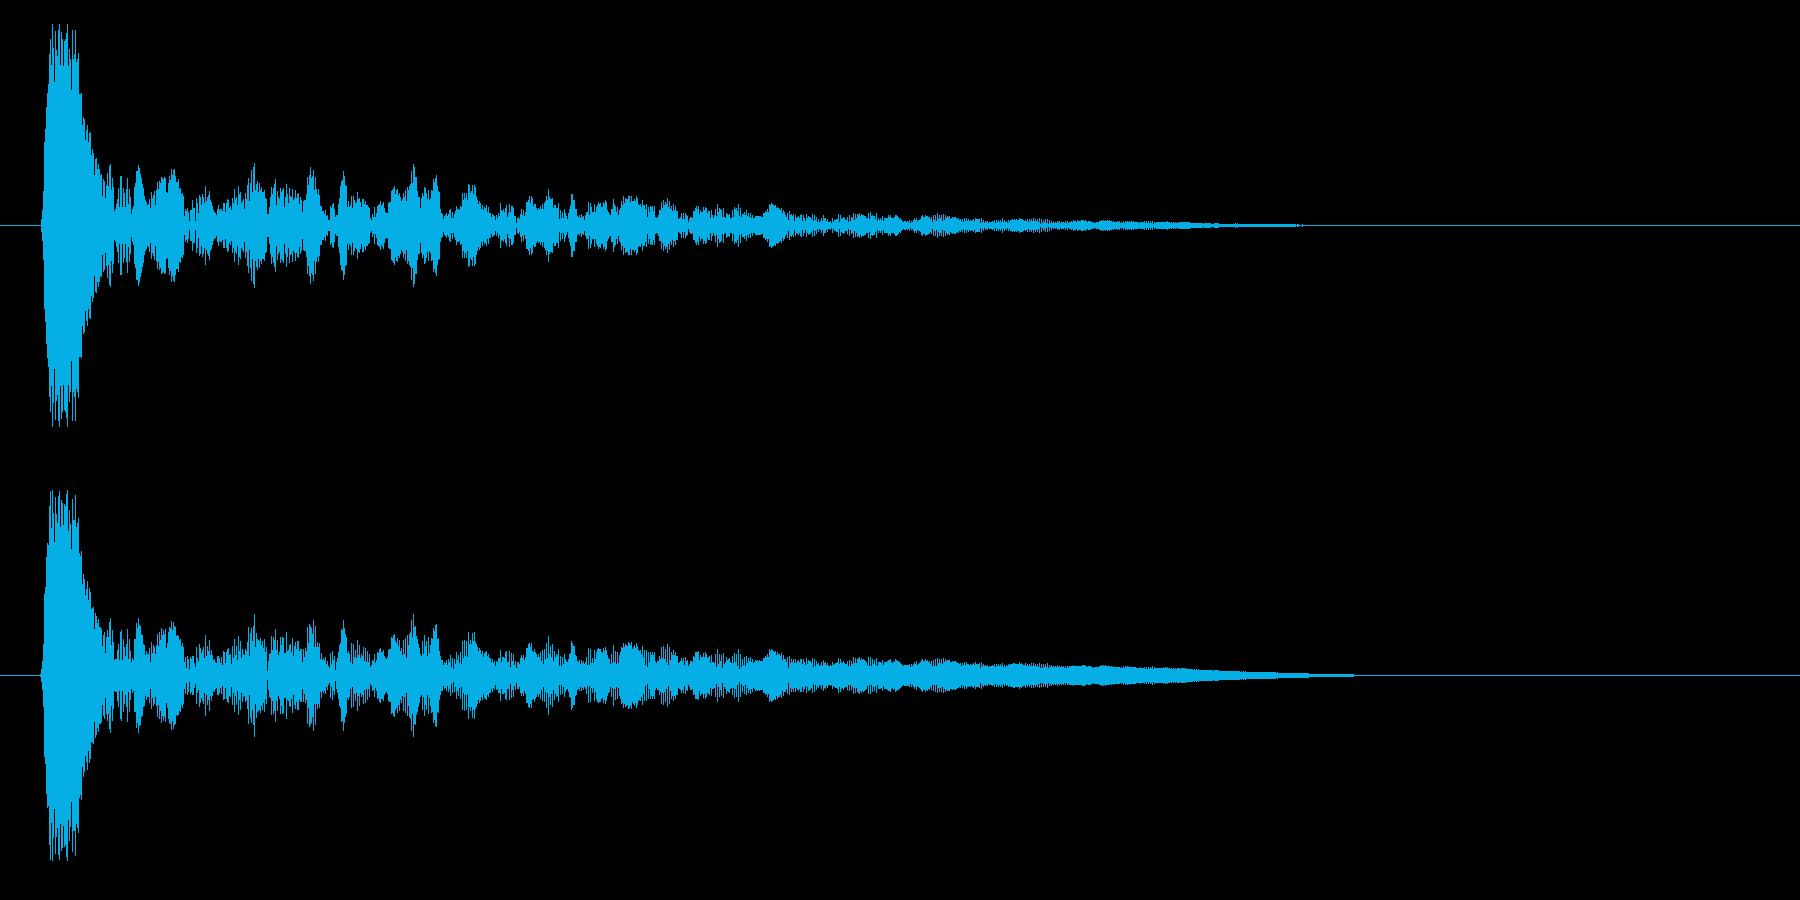 キン・カン(木材・打楽器)の再生済みの波形